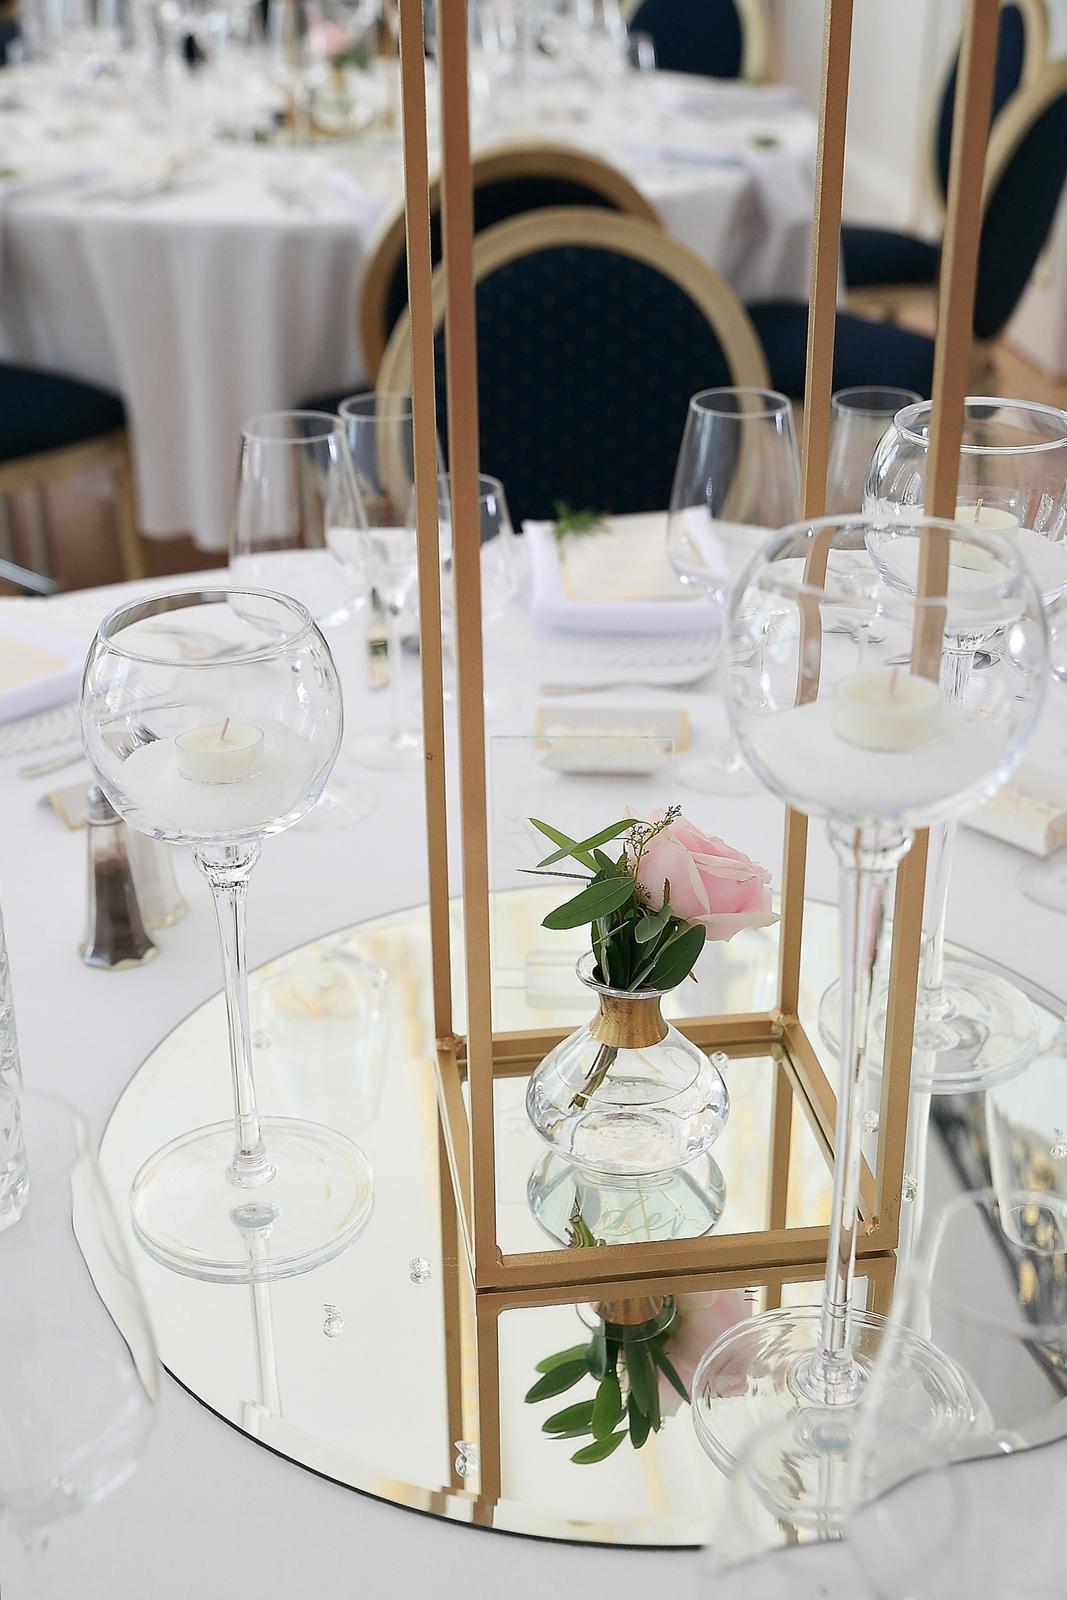 Svadobné dekorácie - požičovňa svadobných dekor. - Obrázok č. 17